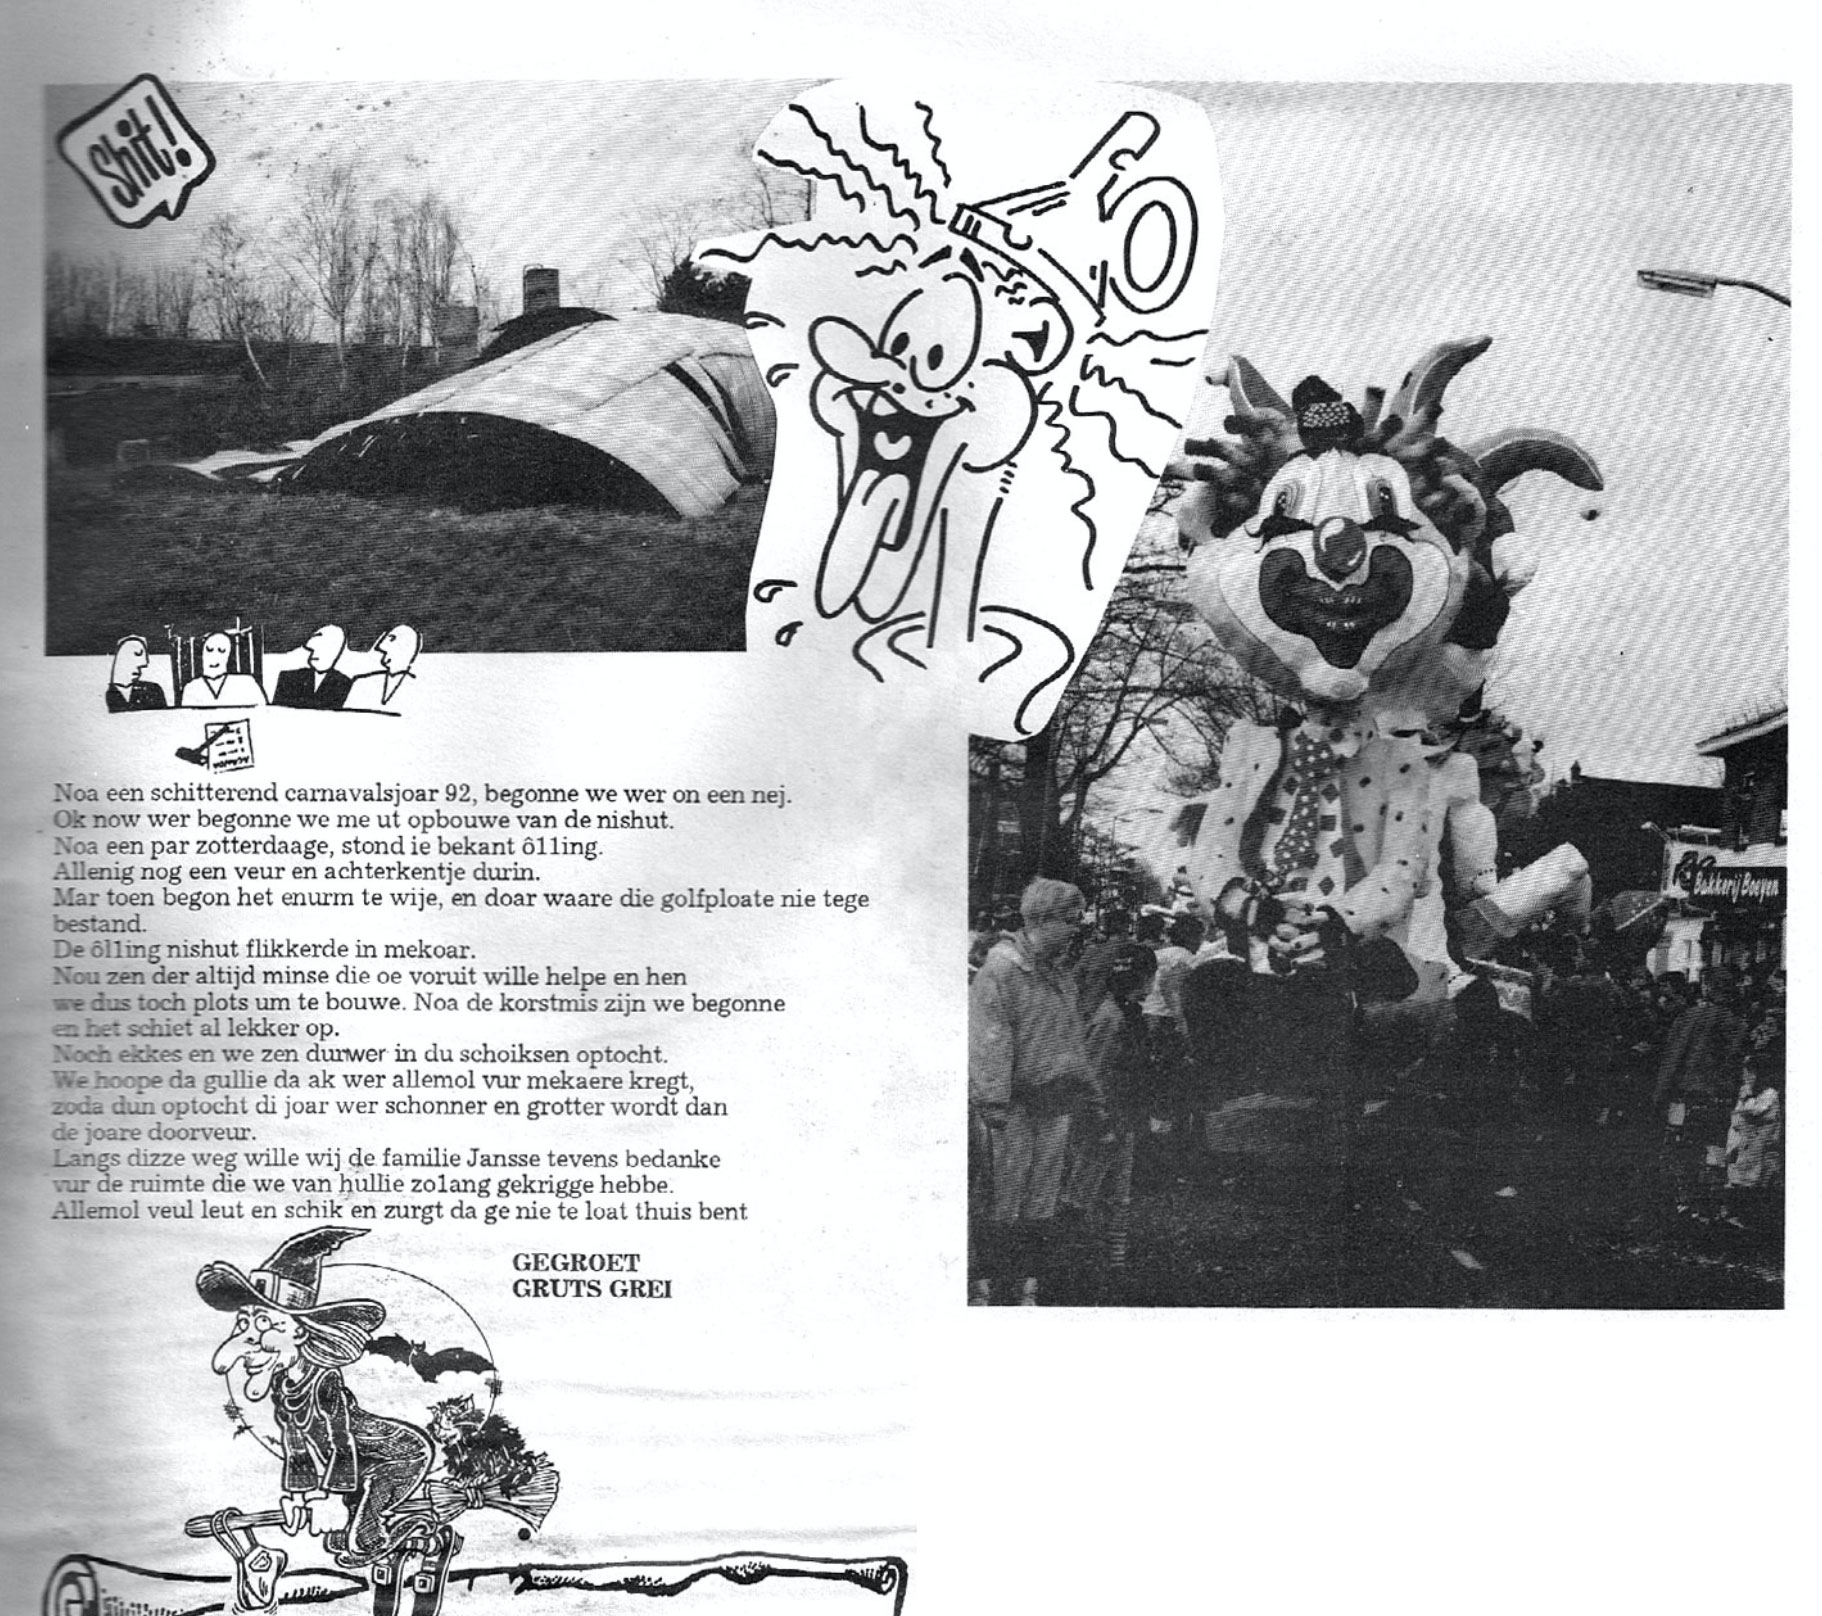 Stukje uit de carnavalskrant van Gruts Grei - 1993